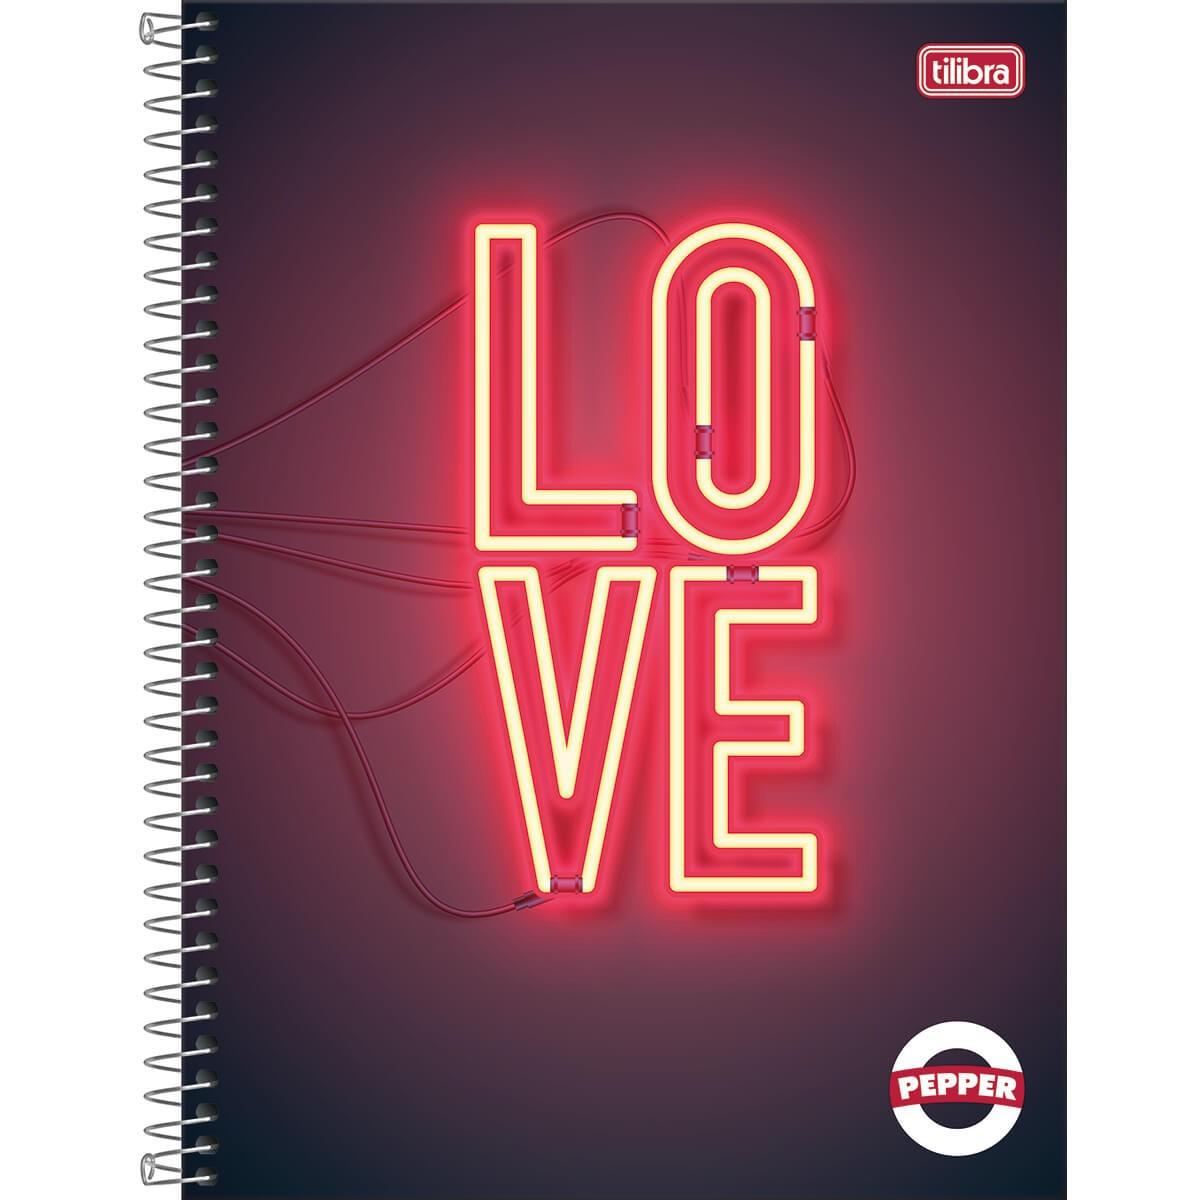 Caderno Espiral Capa Dura Universitário 10 Matérias Pepper Feminino 160 Folhas - Sortido